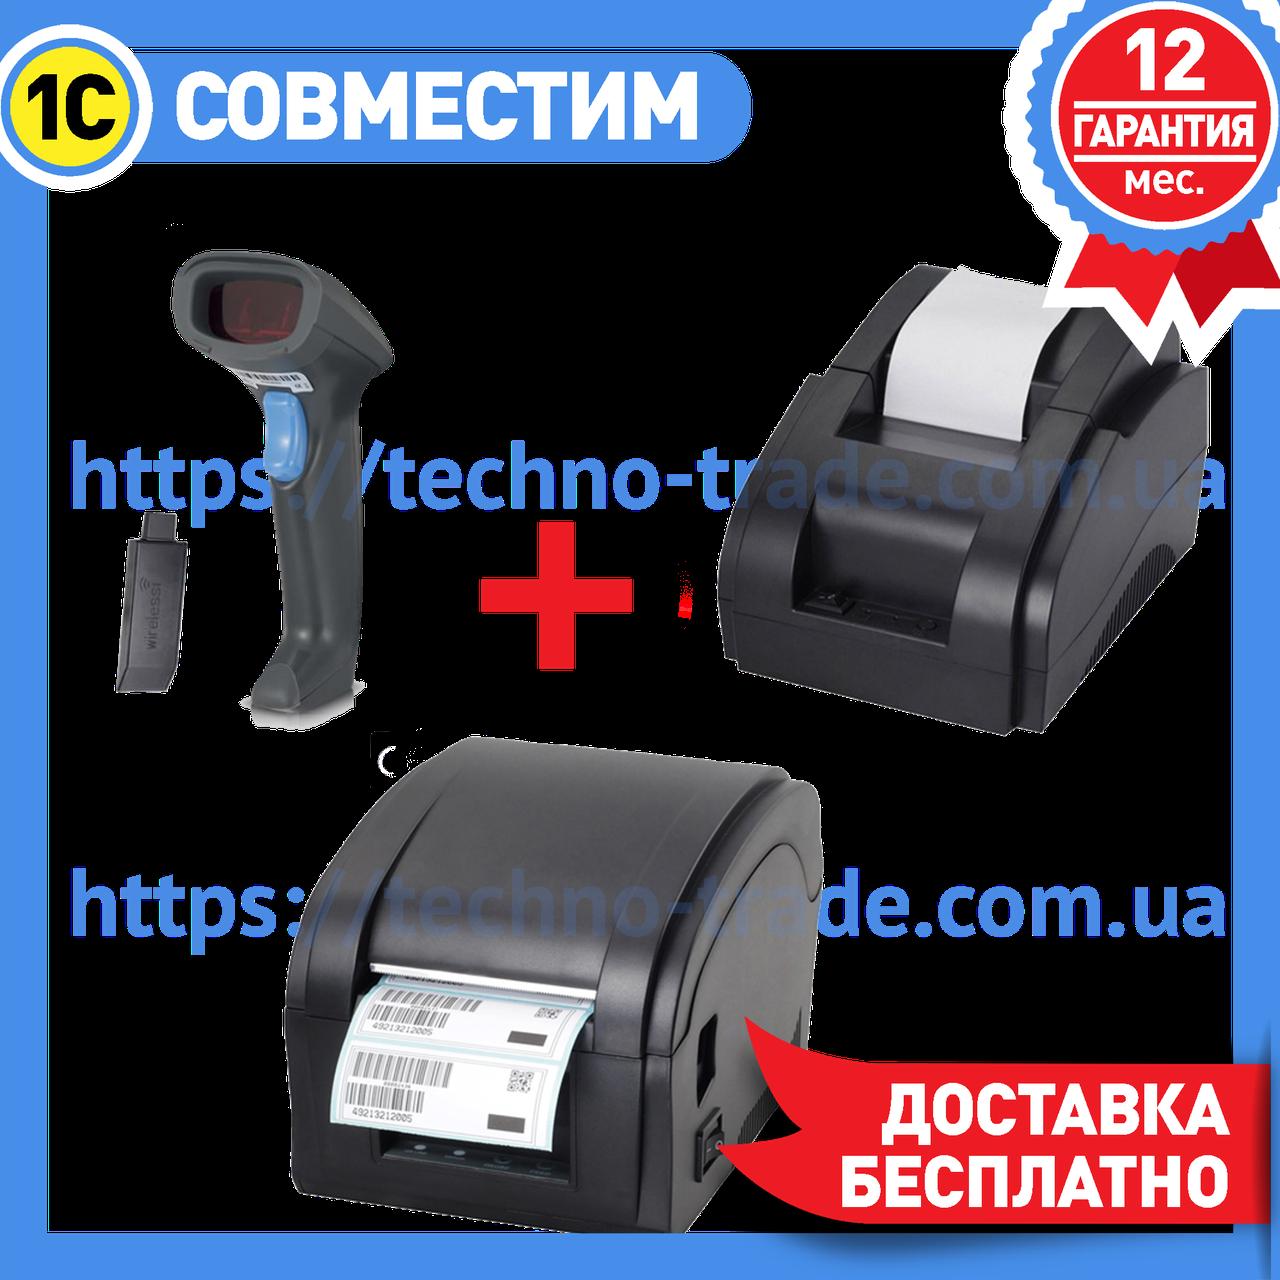 ✅ Акционный набор: Принтер чеков XP-58II + Беспроводной сканер Syble-5055R + Принтер этикеток Xprinter XP-360b